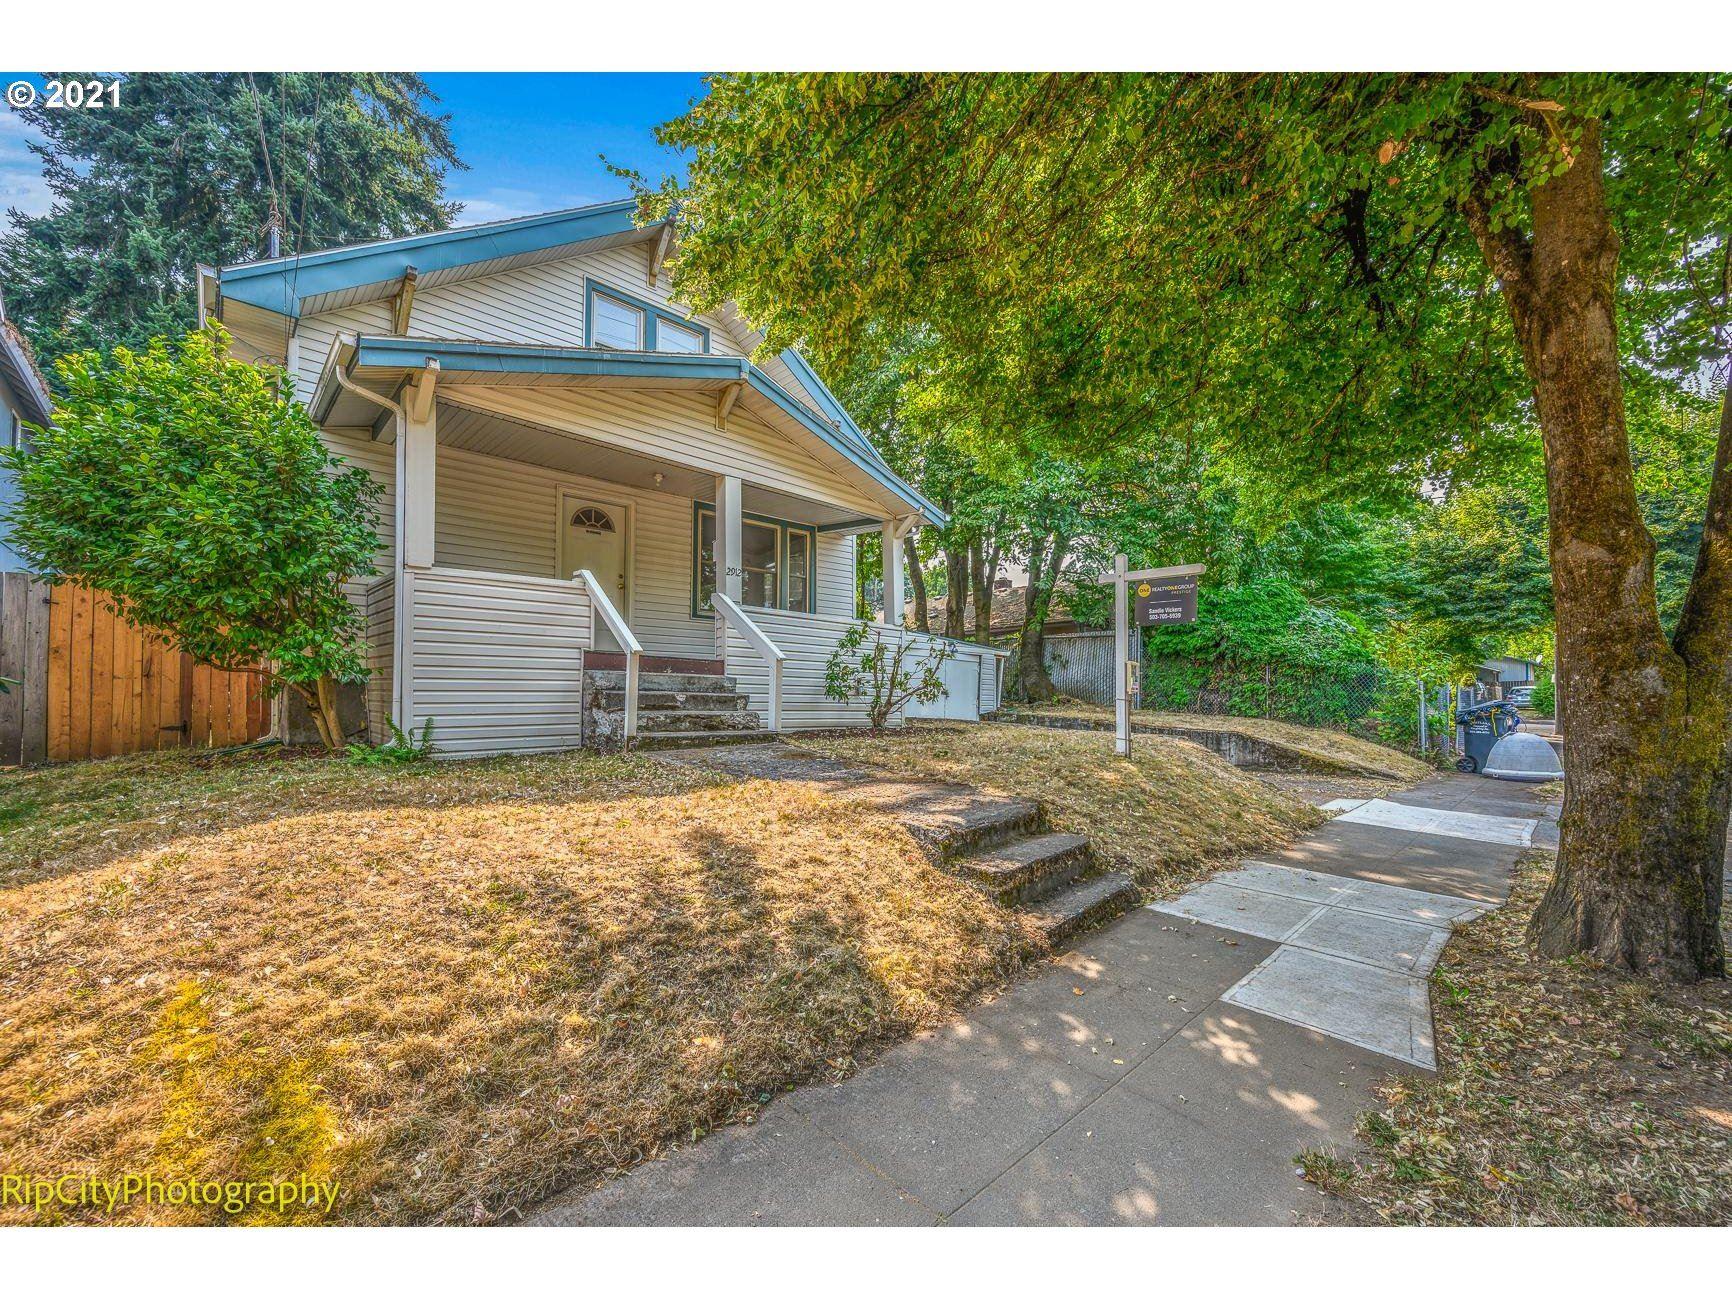 2912 N WILLIS BLVD, Portland, OR 97217 - MLS#: 21119087